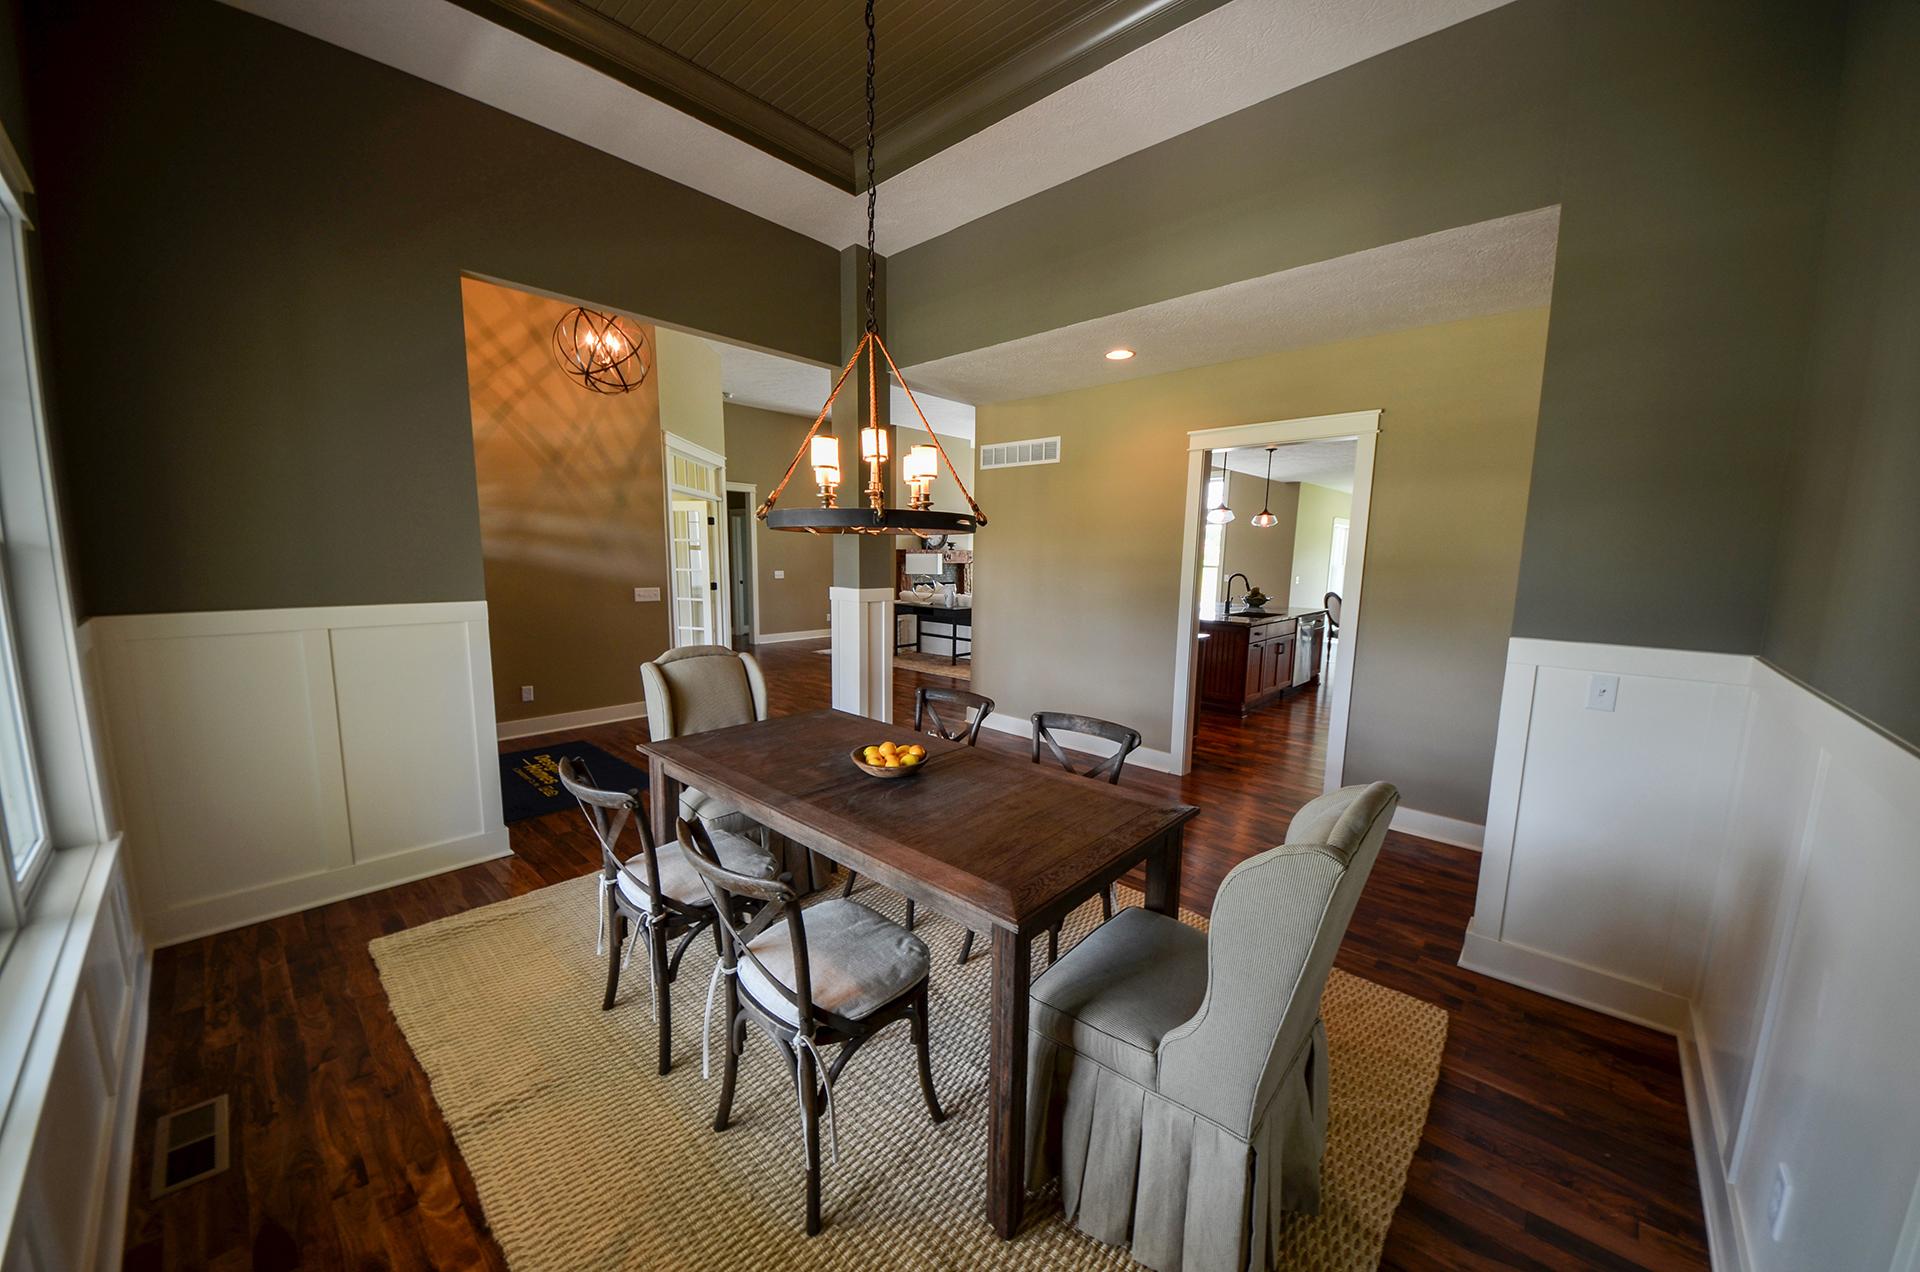 Immaculate Dining Room Designed Aaron Hom ·  Http://designhomesco.com/uploads/decorating Tip 05  Design Inspirations